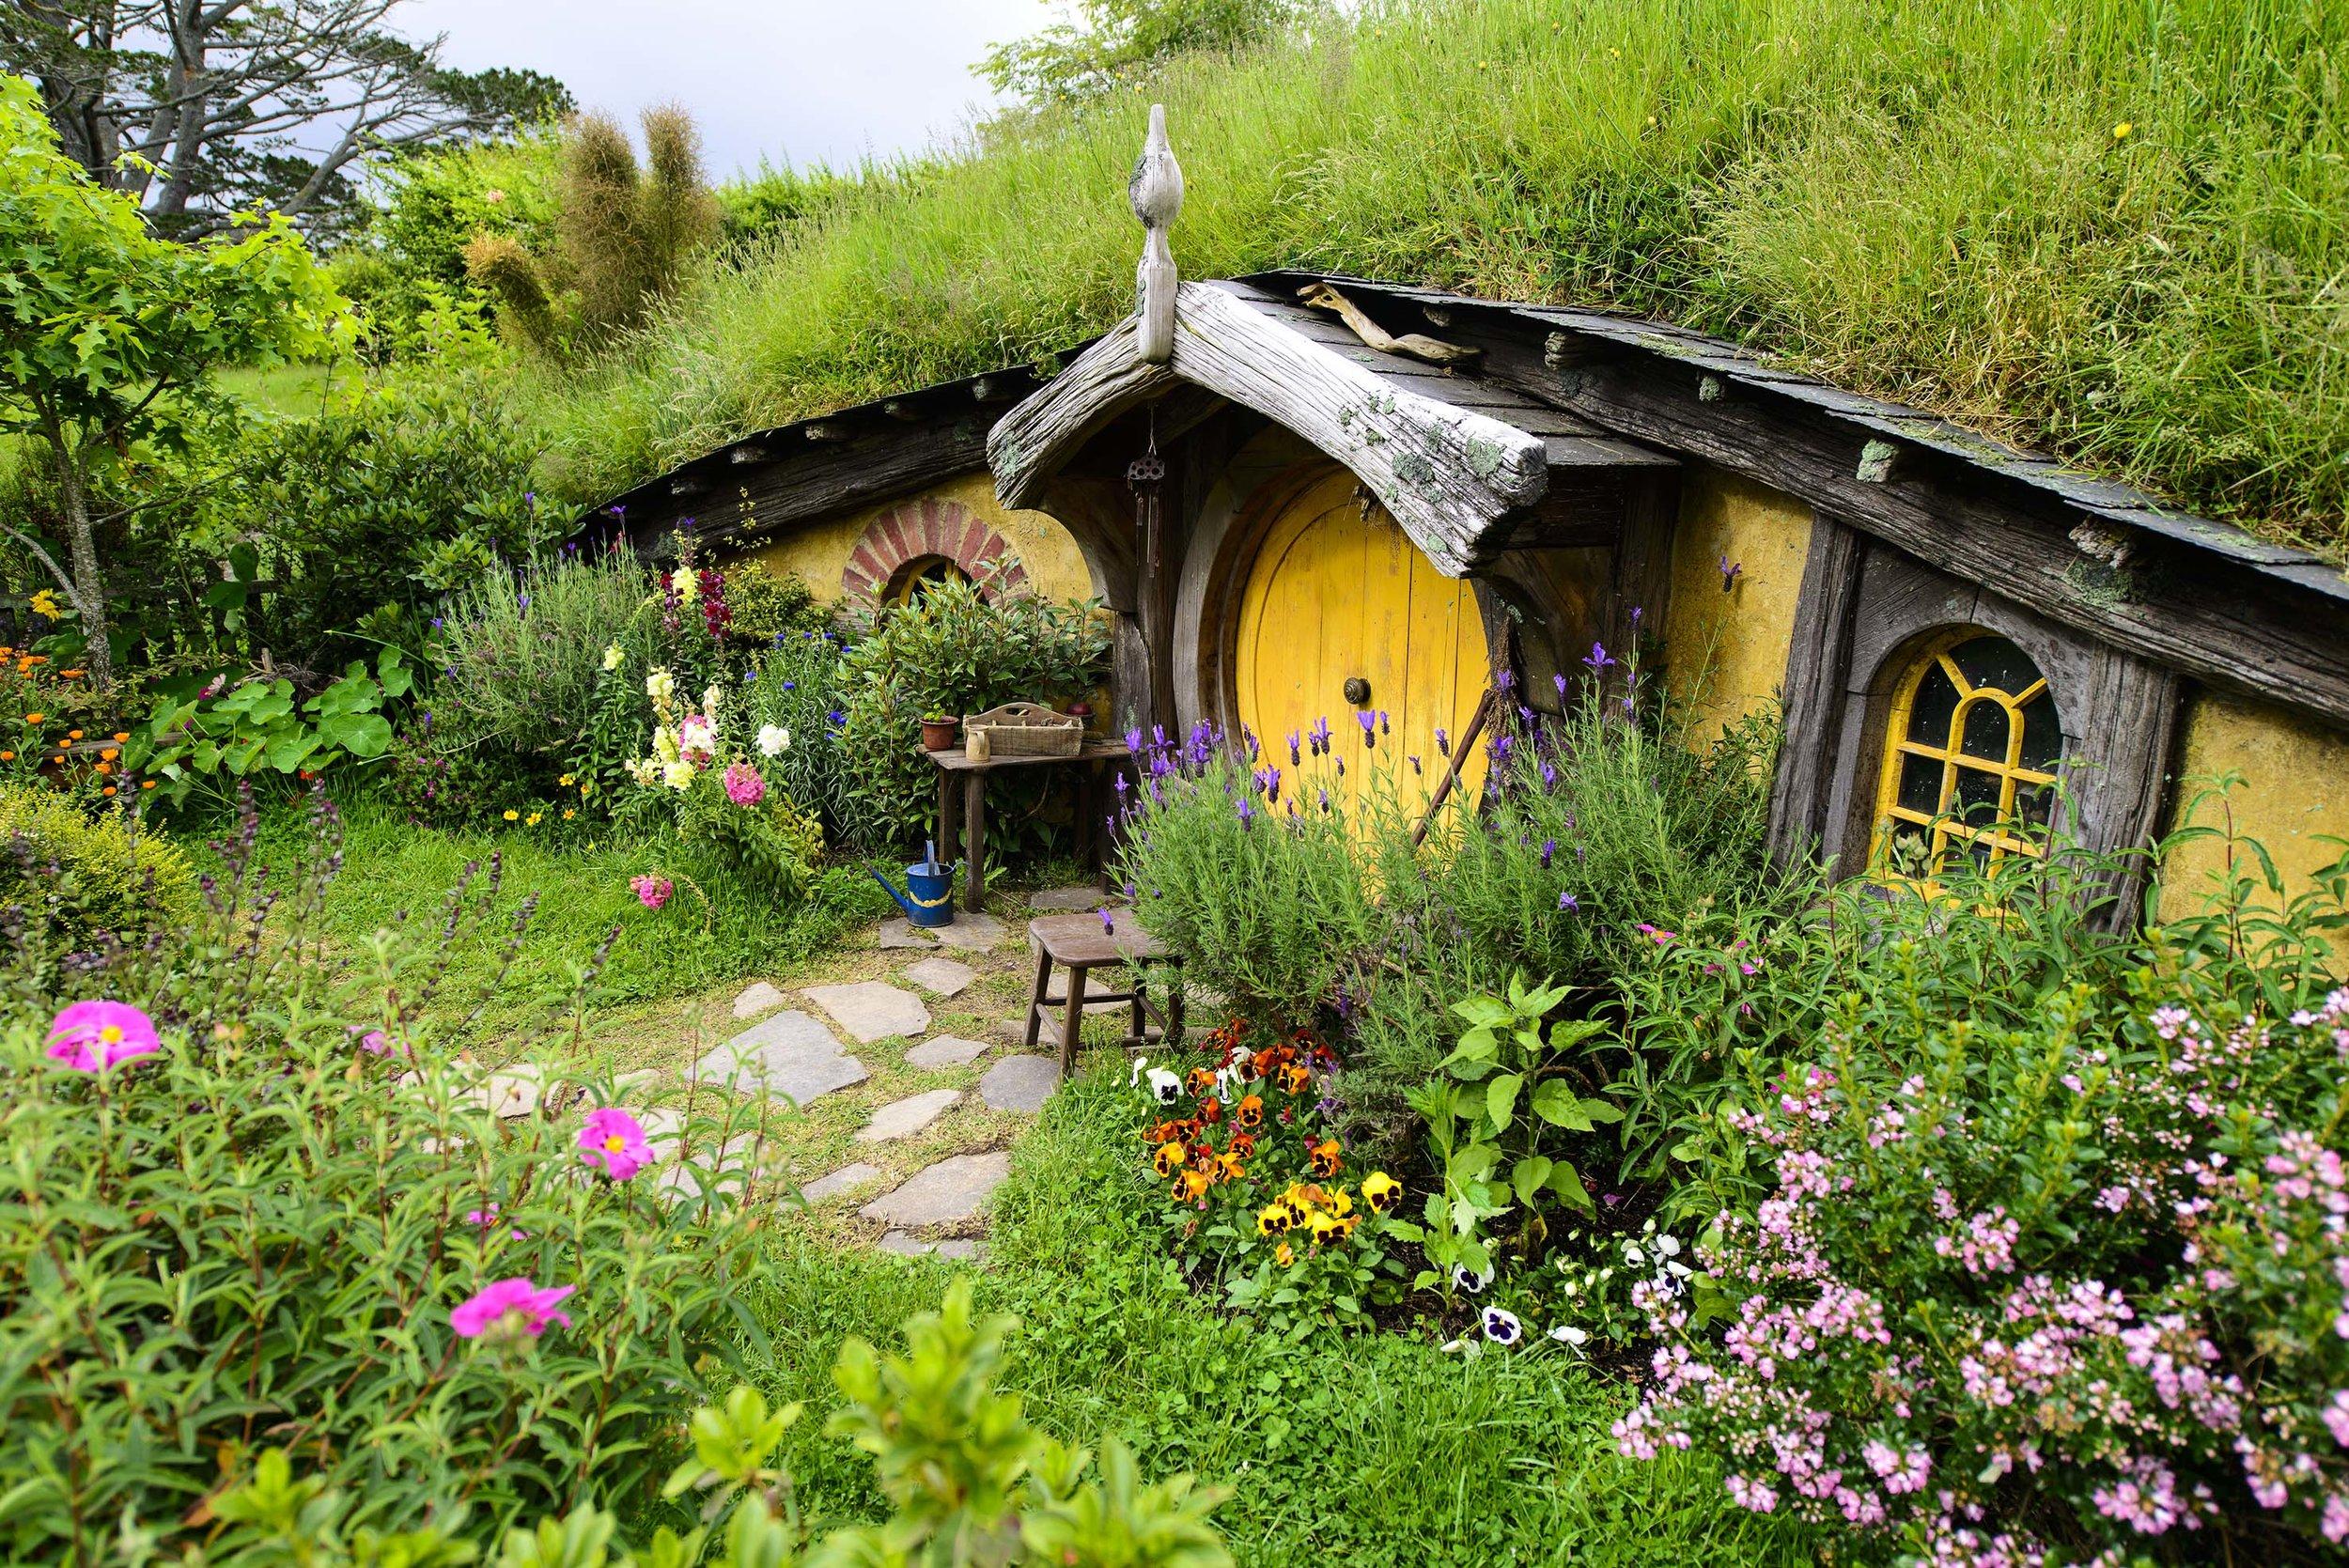 yellow hobbit hole 4 (1).jpg